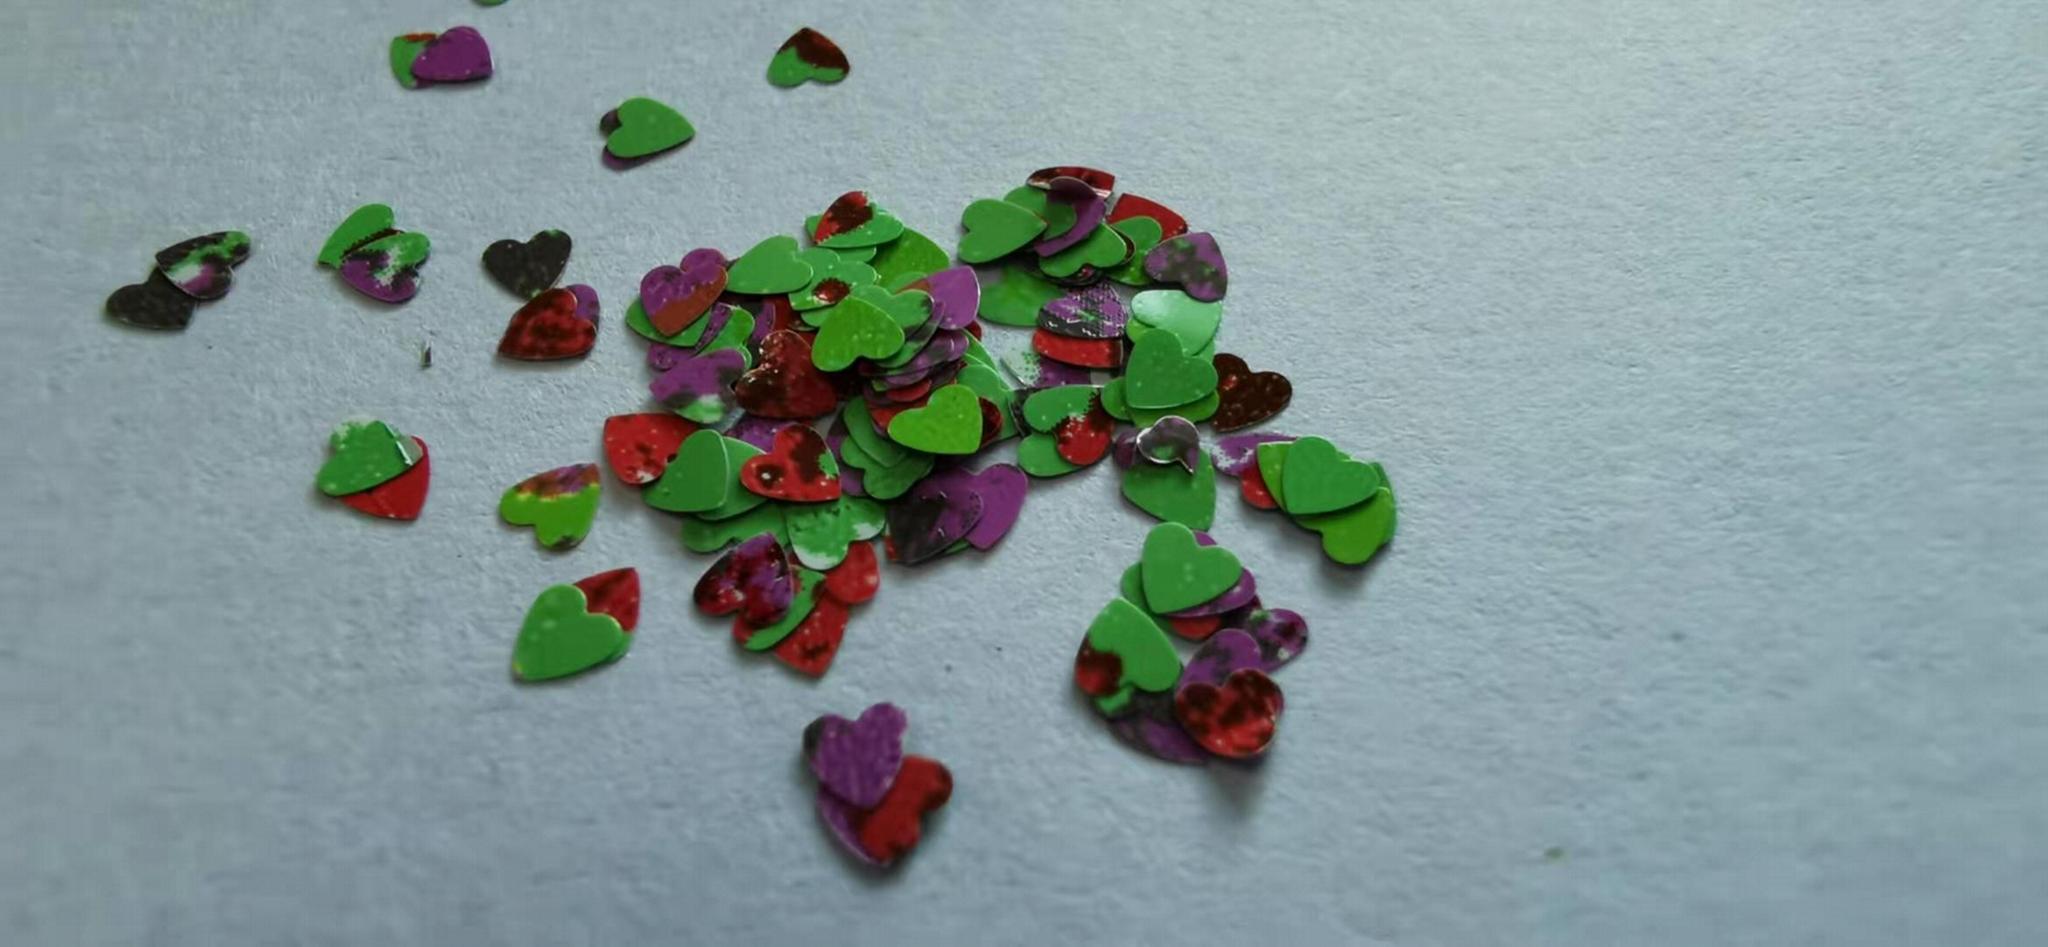 熱銷  優質批發彩虹色彩虹色閃光禮品工藝裝飾金蔥粉閃粉 1